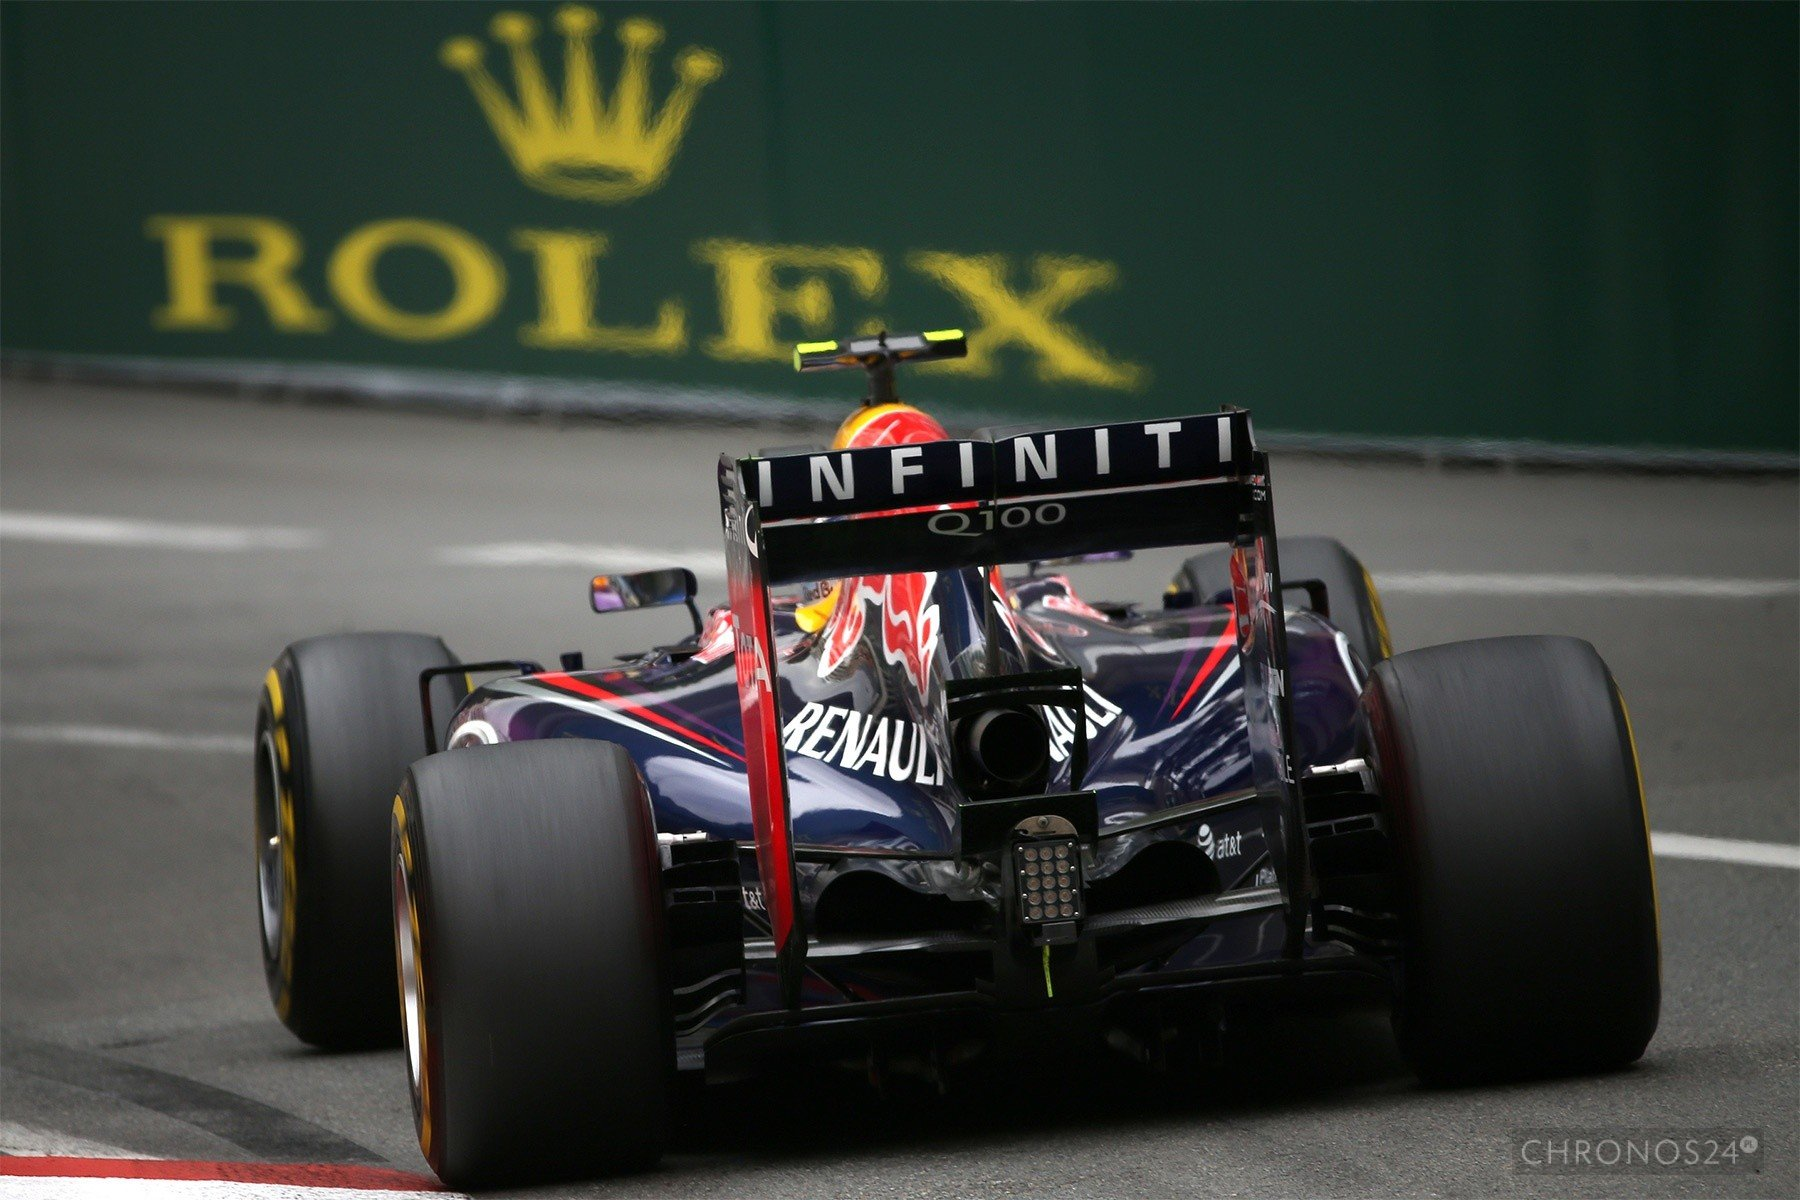 Rolex i F1 - Grand Prix Australii 2014